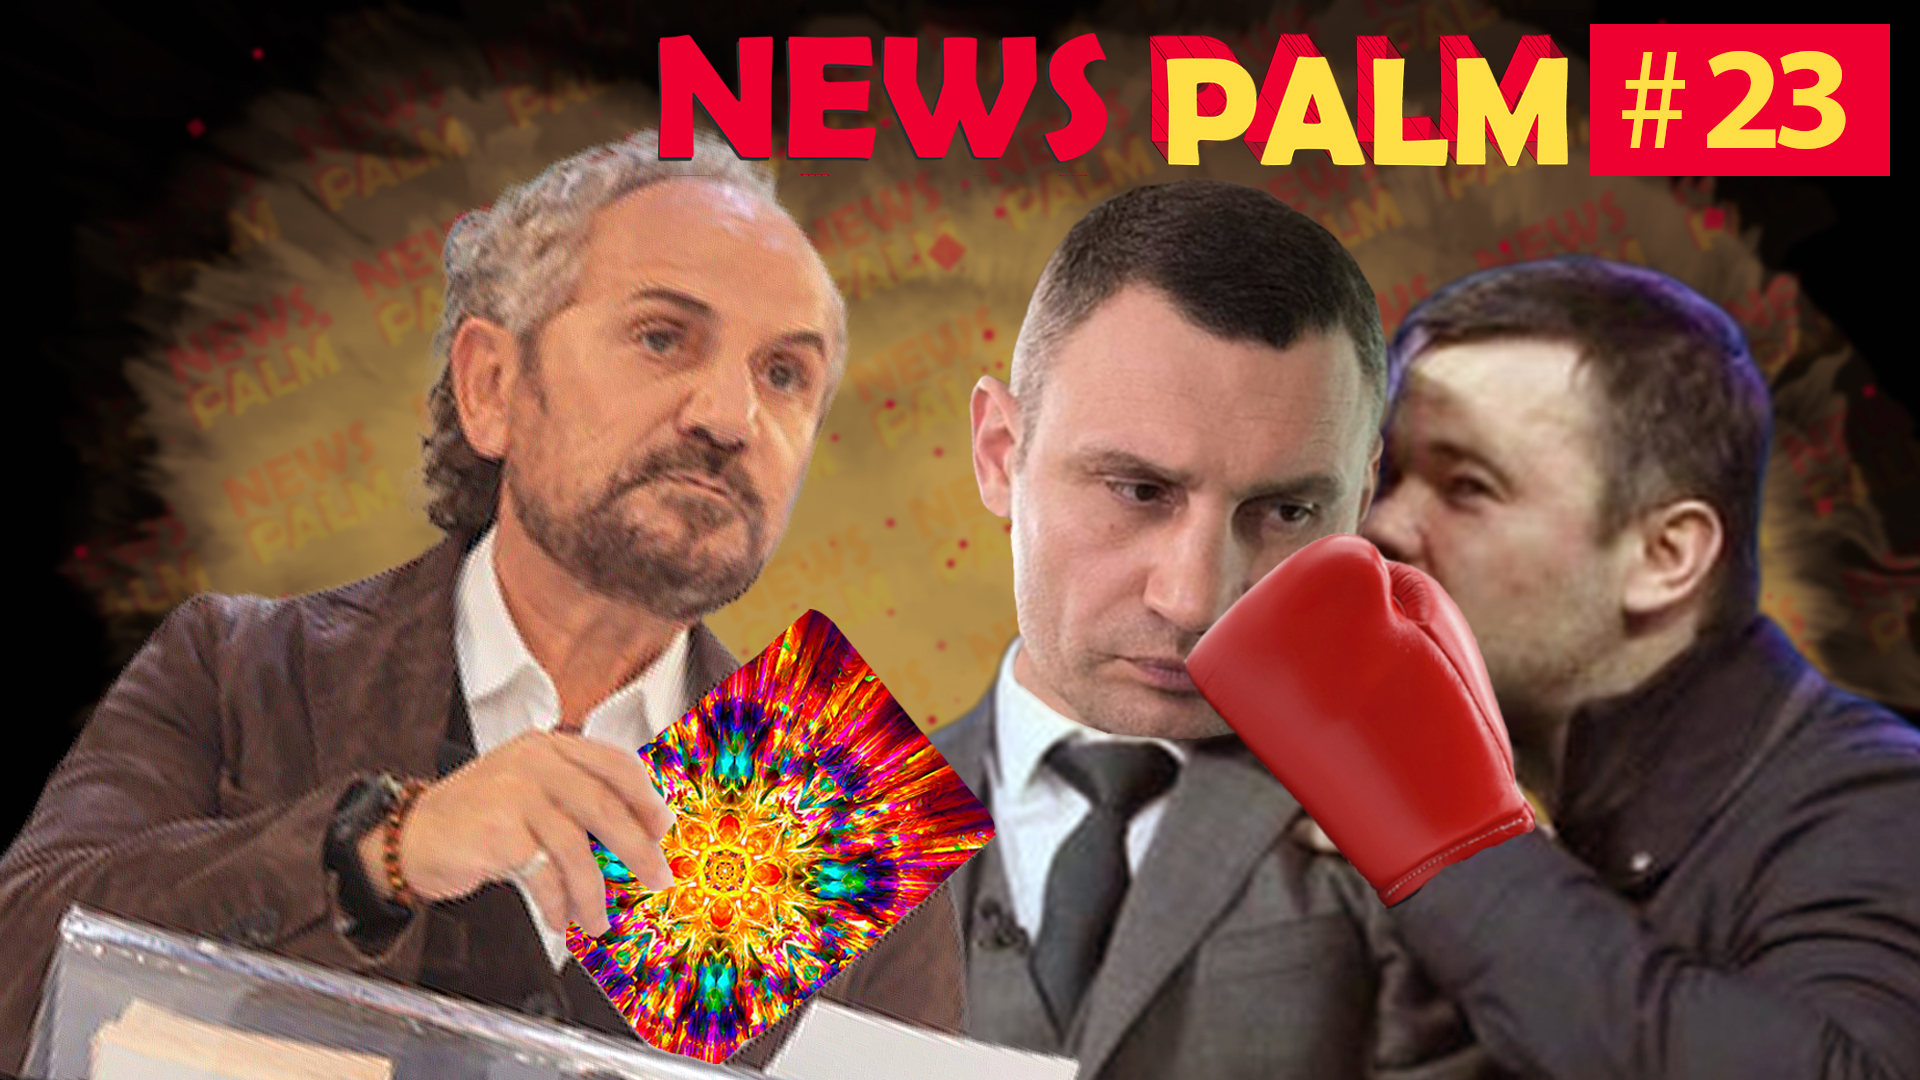 Кличко б'ється з Богданом, Шустер читає мантри, Гончарук бореться з нудизмом / Ньюспалм #23